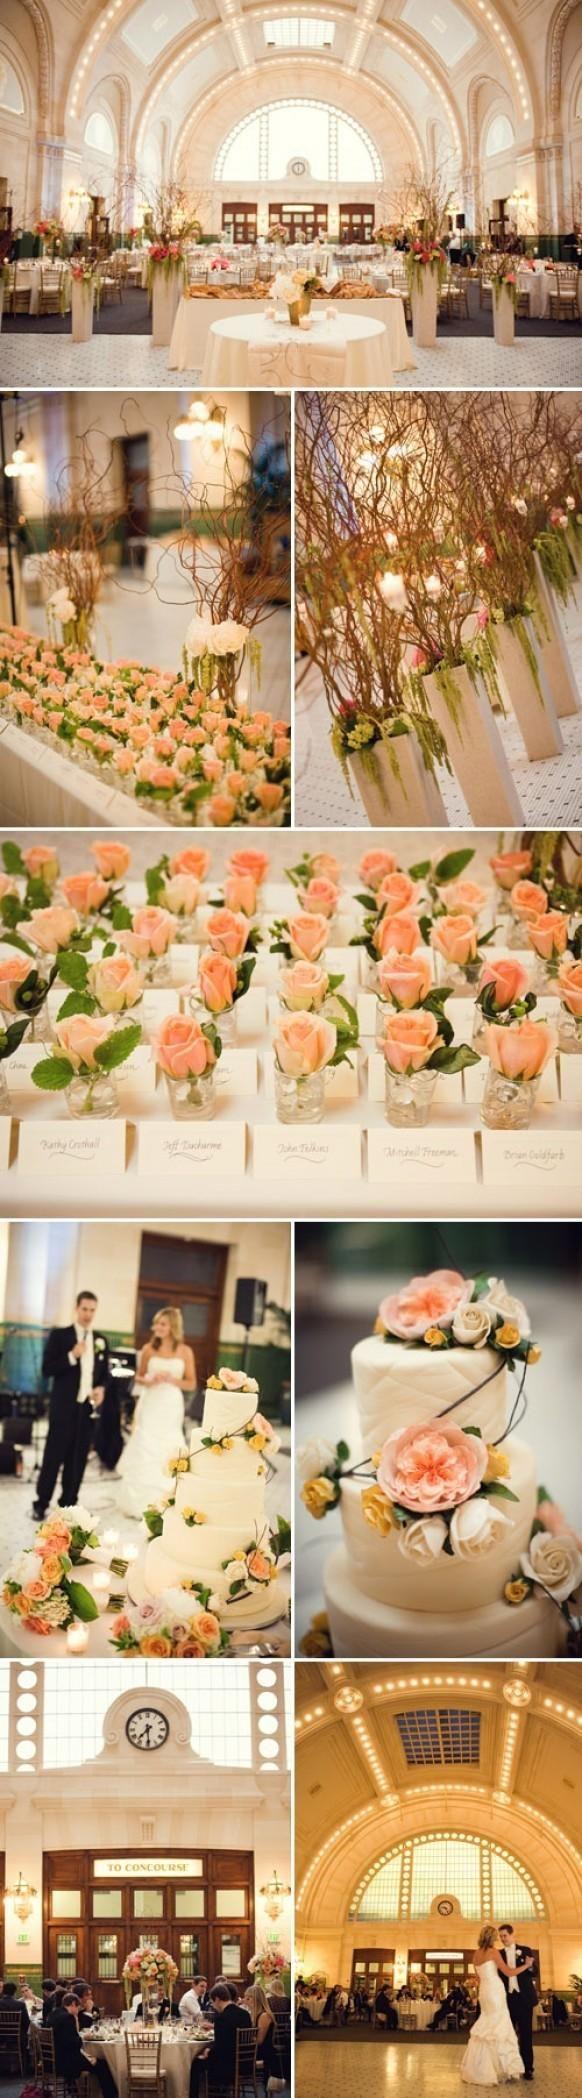 Peach Wedding Color Palettes - Weddbook